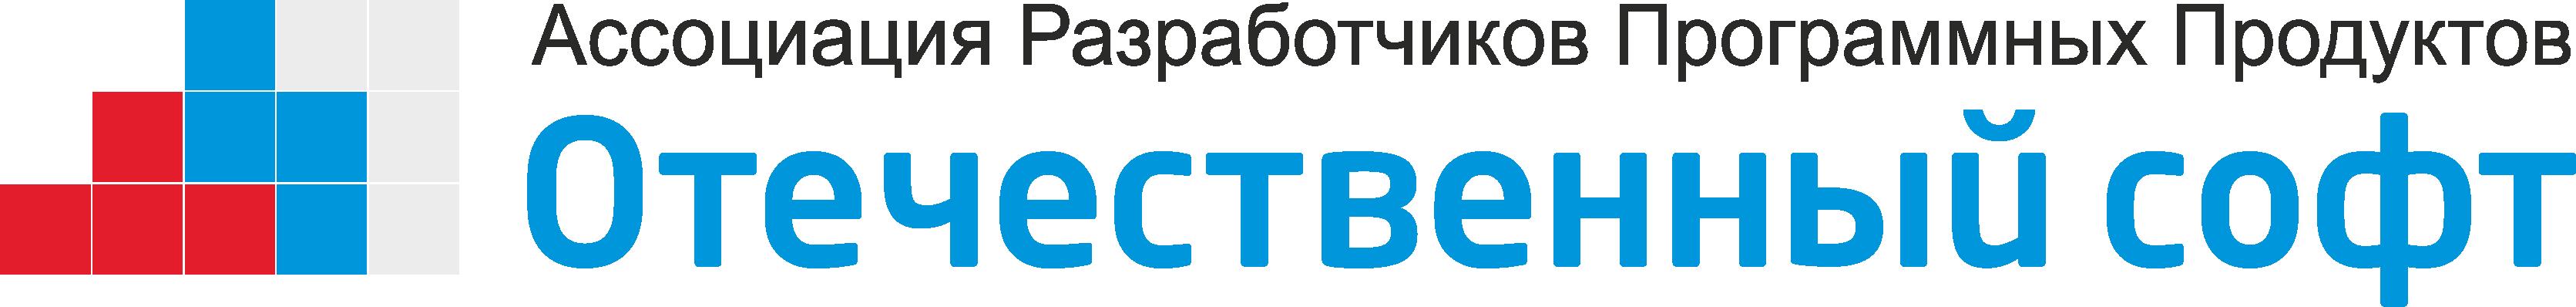 ДоксВижн» является членом Ассоциации Разработчиков Программных Продуктов «Отечественный софт